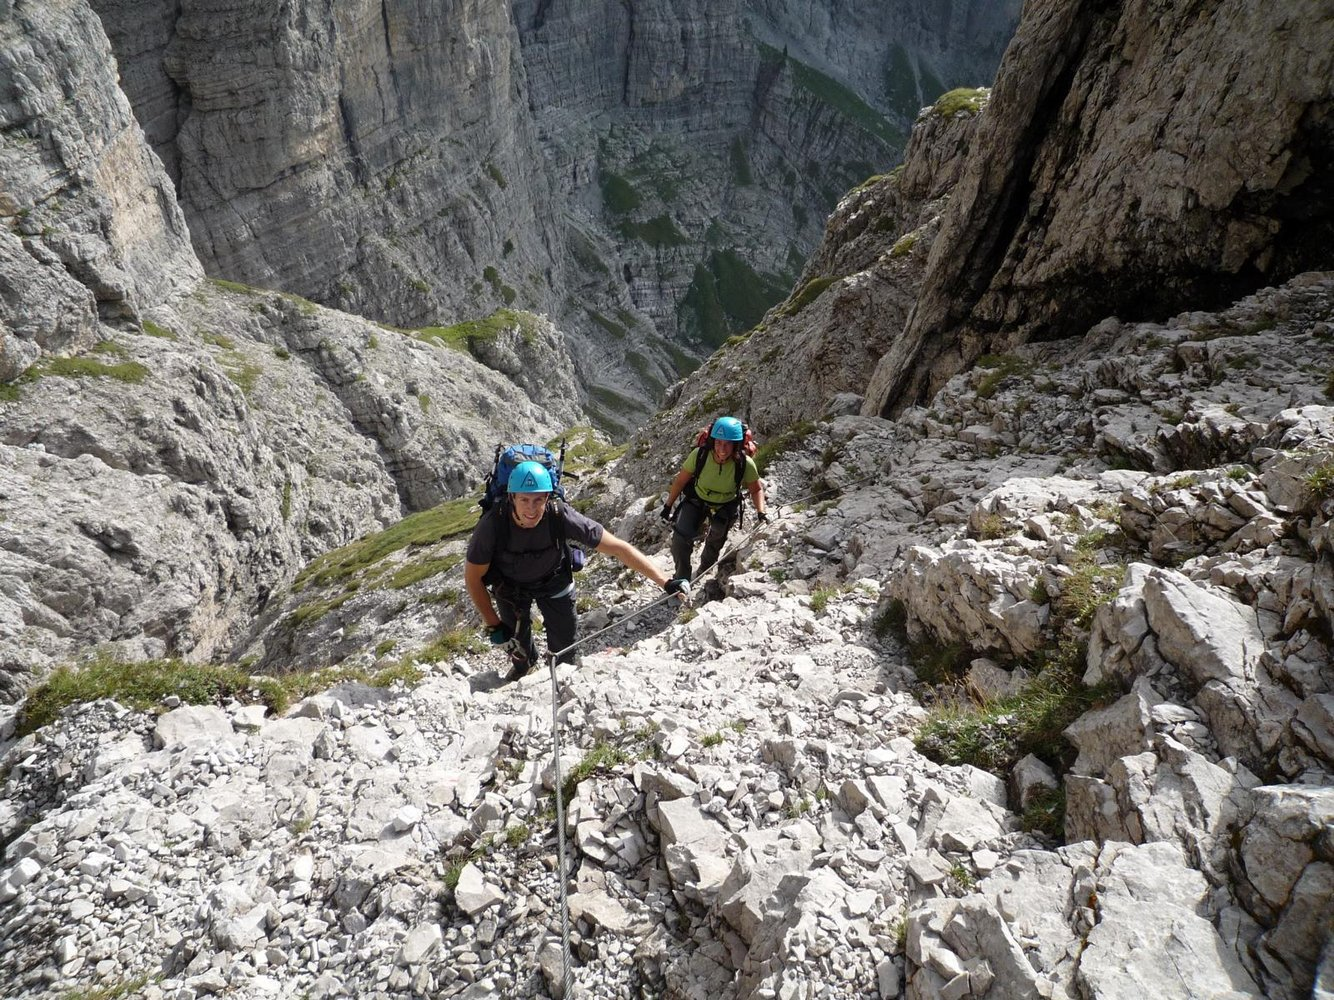 Klettersteig Via Ferrata : Klettersteige ↔ klettersteig touren mit karte und topo via